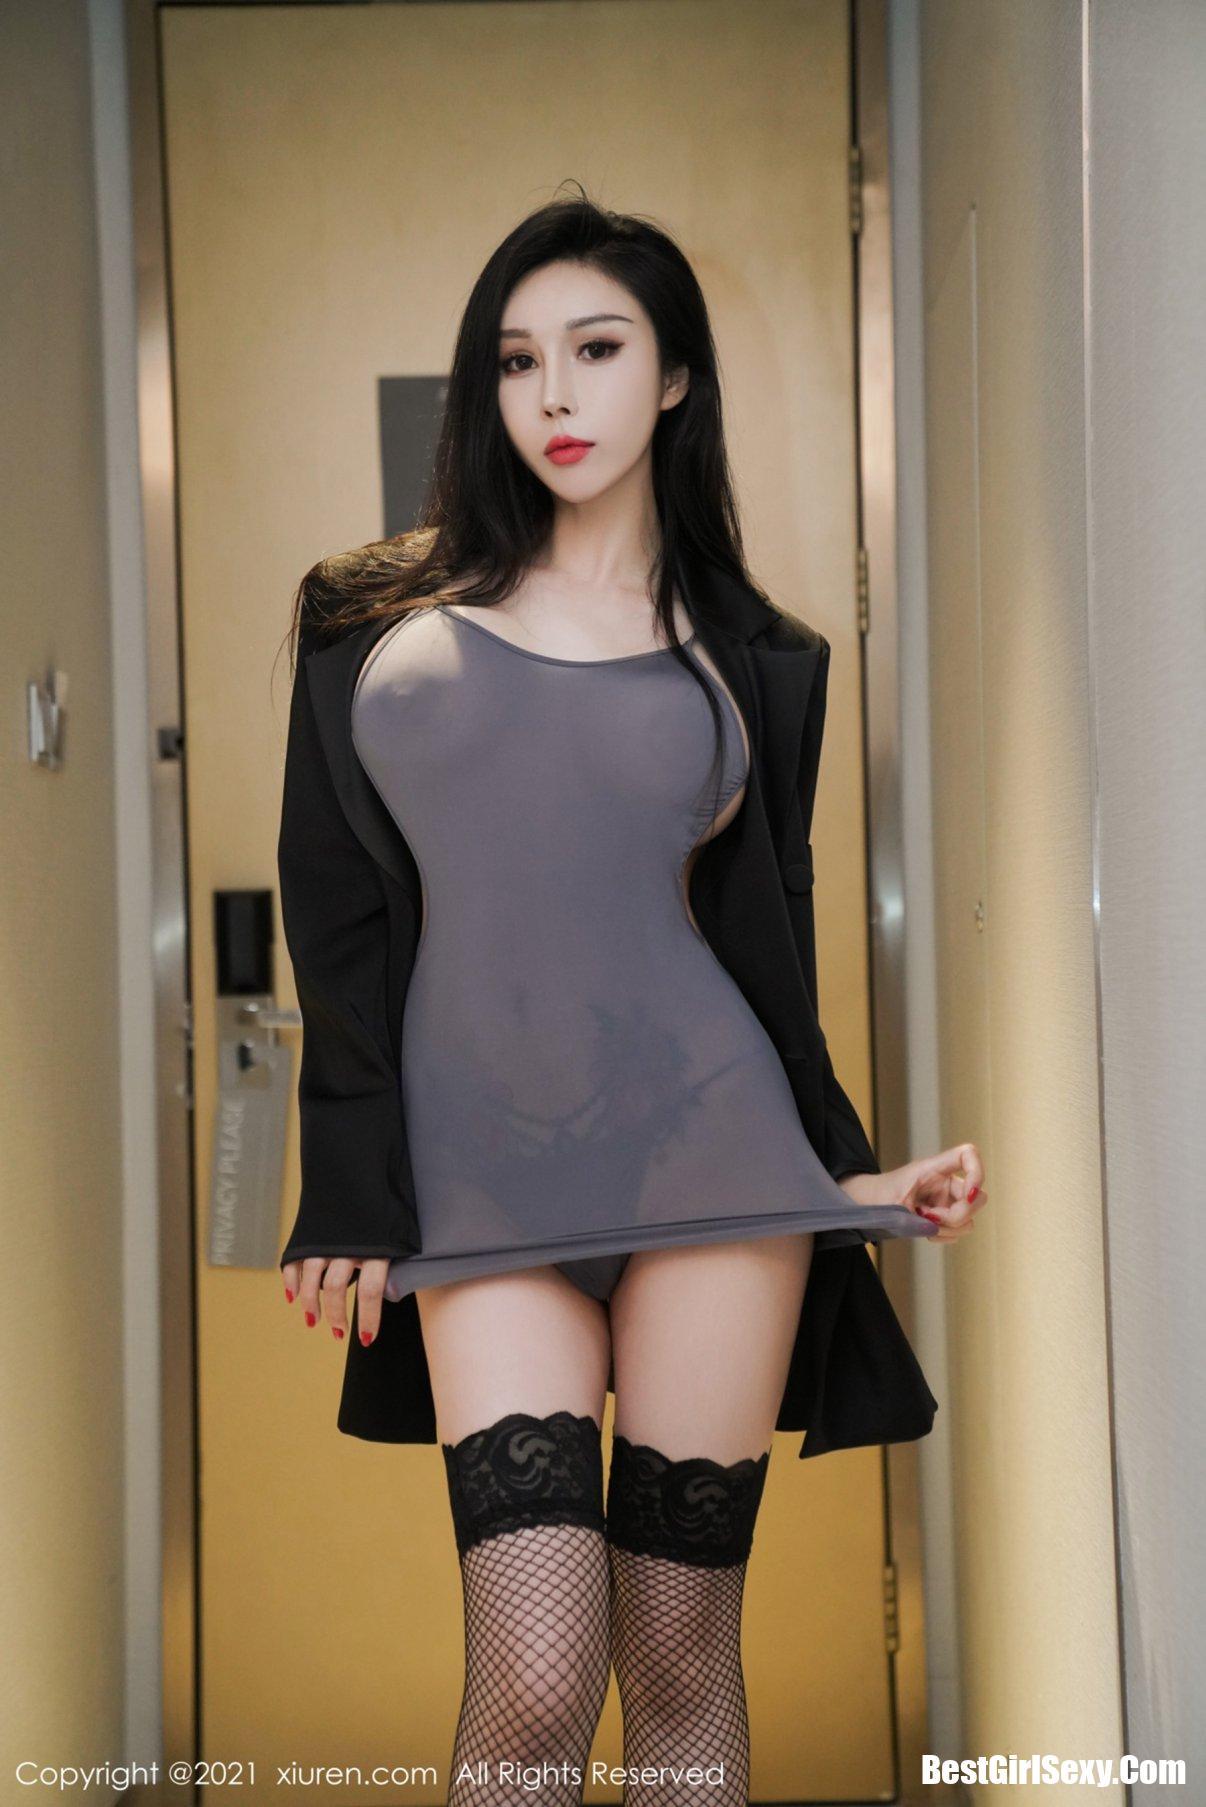 田冰冰, XiuRen秀人网 No.3432 Tian Bing Bing, XiuRen秀人网 No.3432, Tian Bing Bing